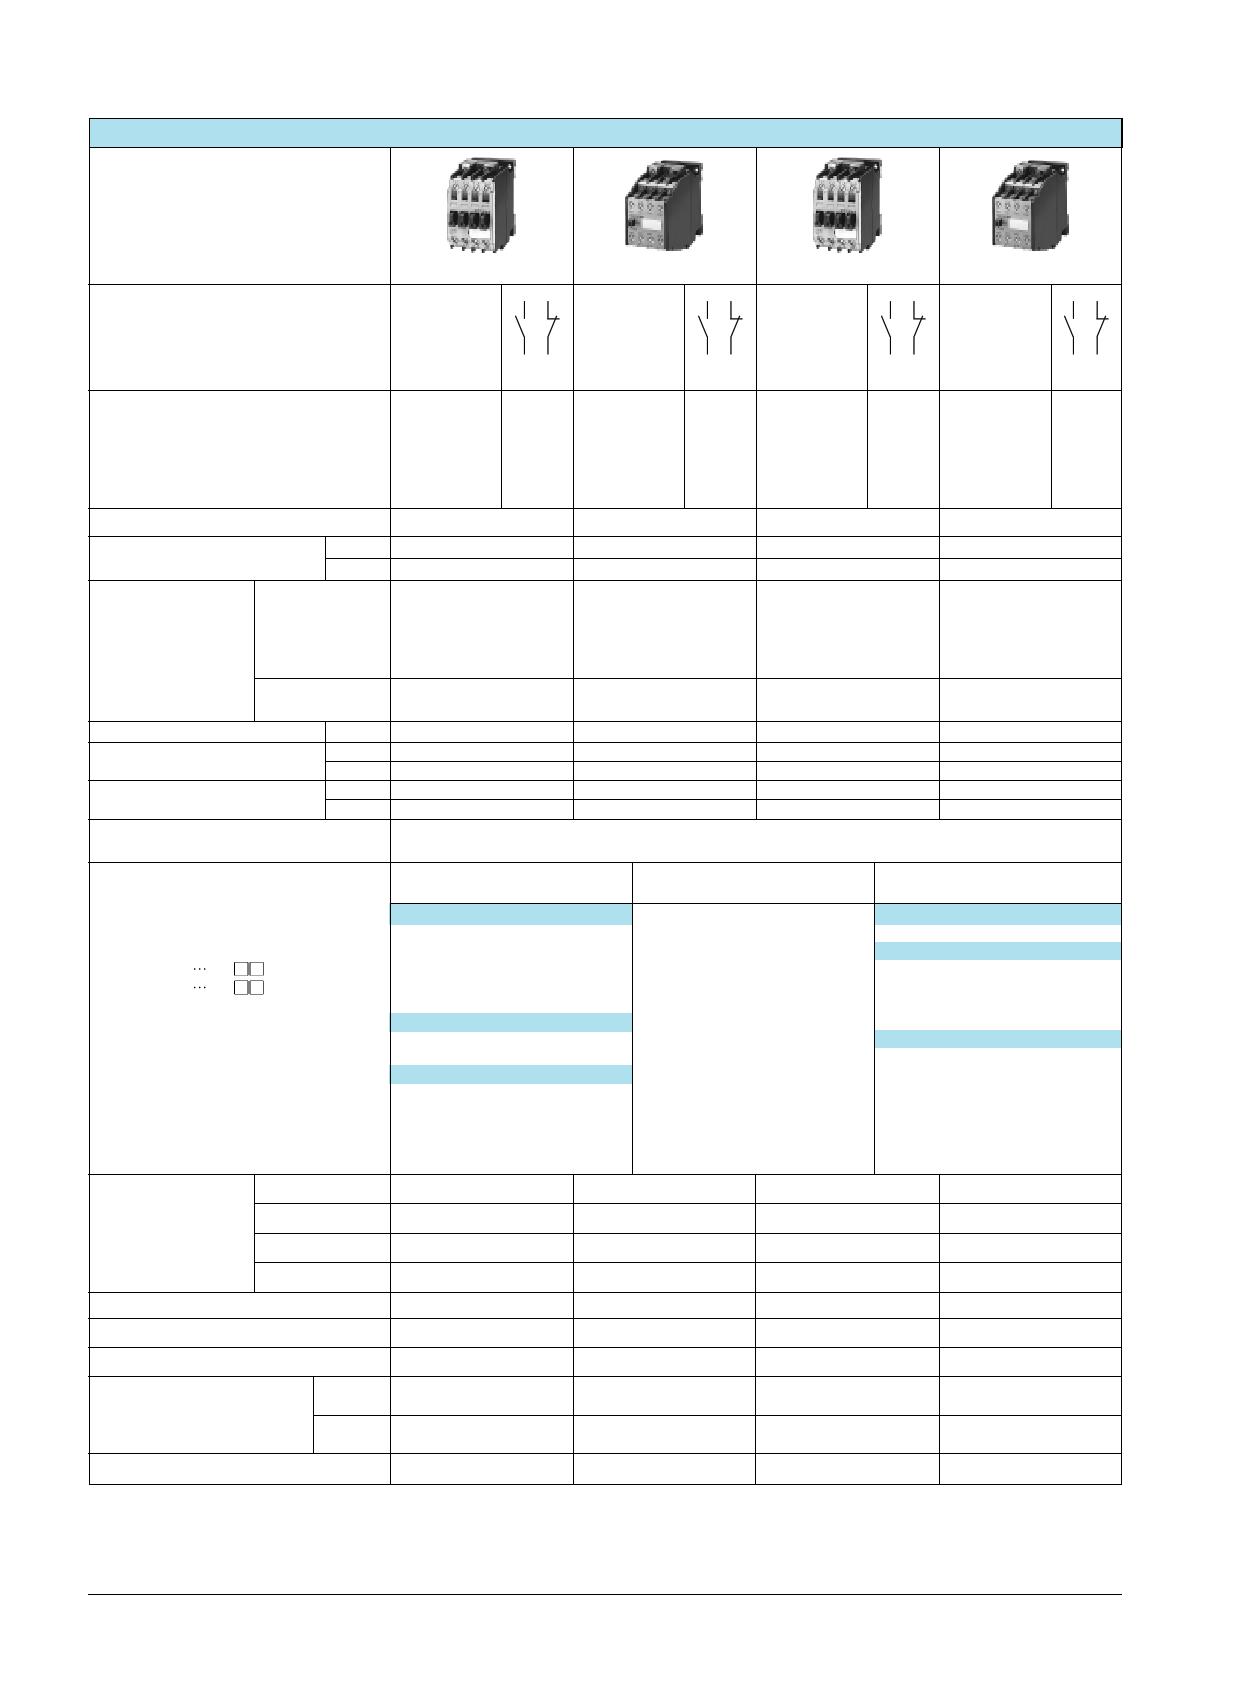 3TF33 Datenblatt PDF